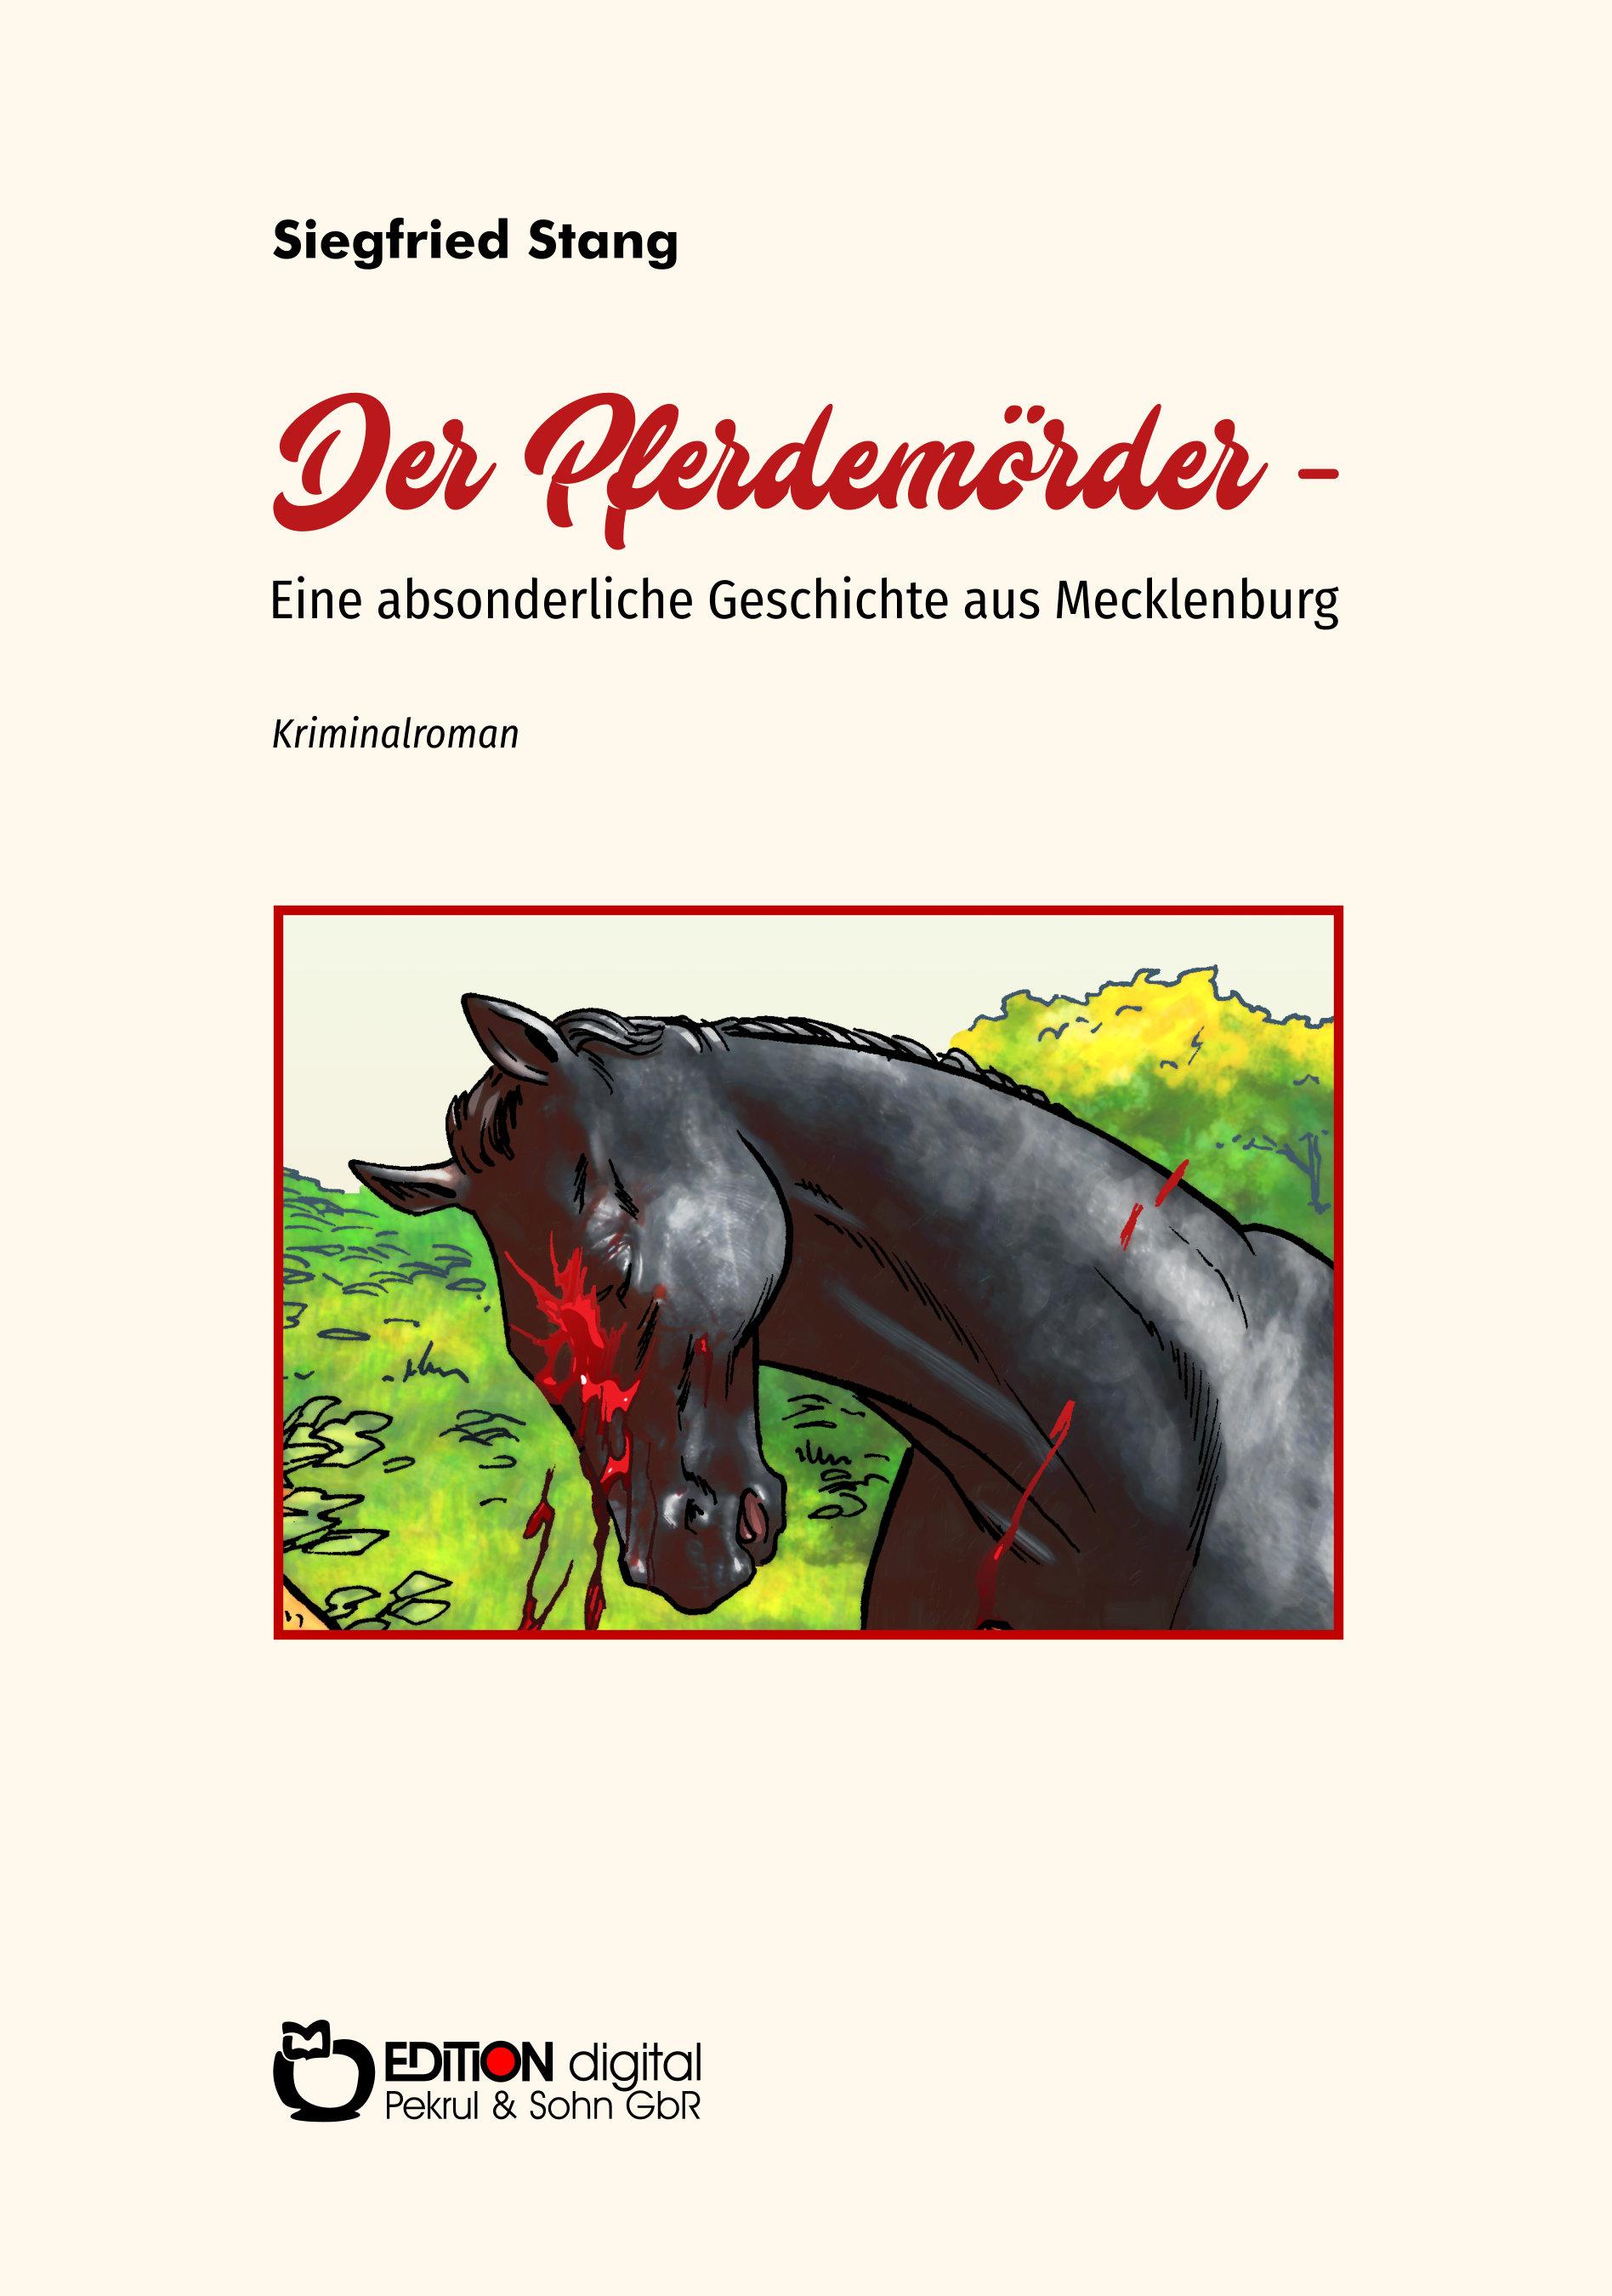 Der Pferdemörder – Eine absonderliche Geschichte aus Mecklenburg. Kriminalroman von Siegfried Stang